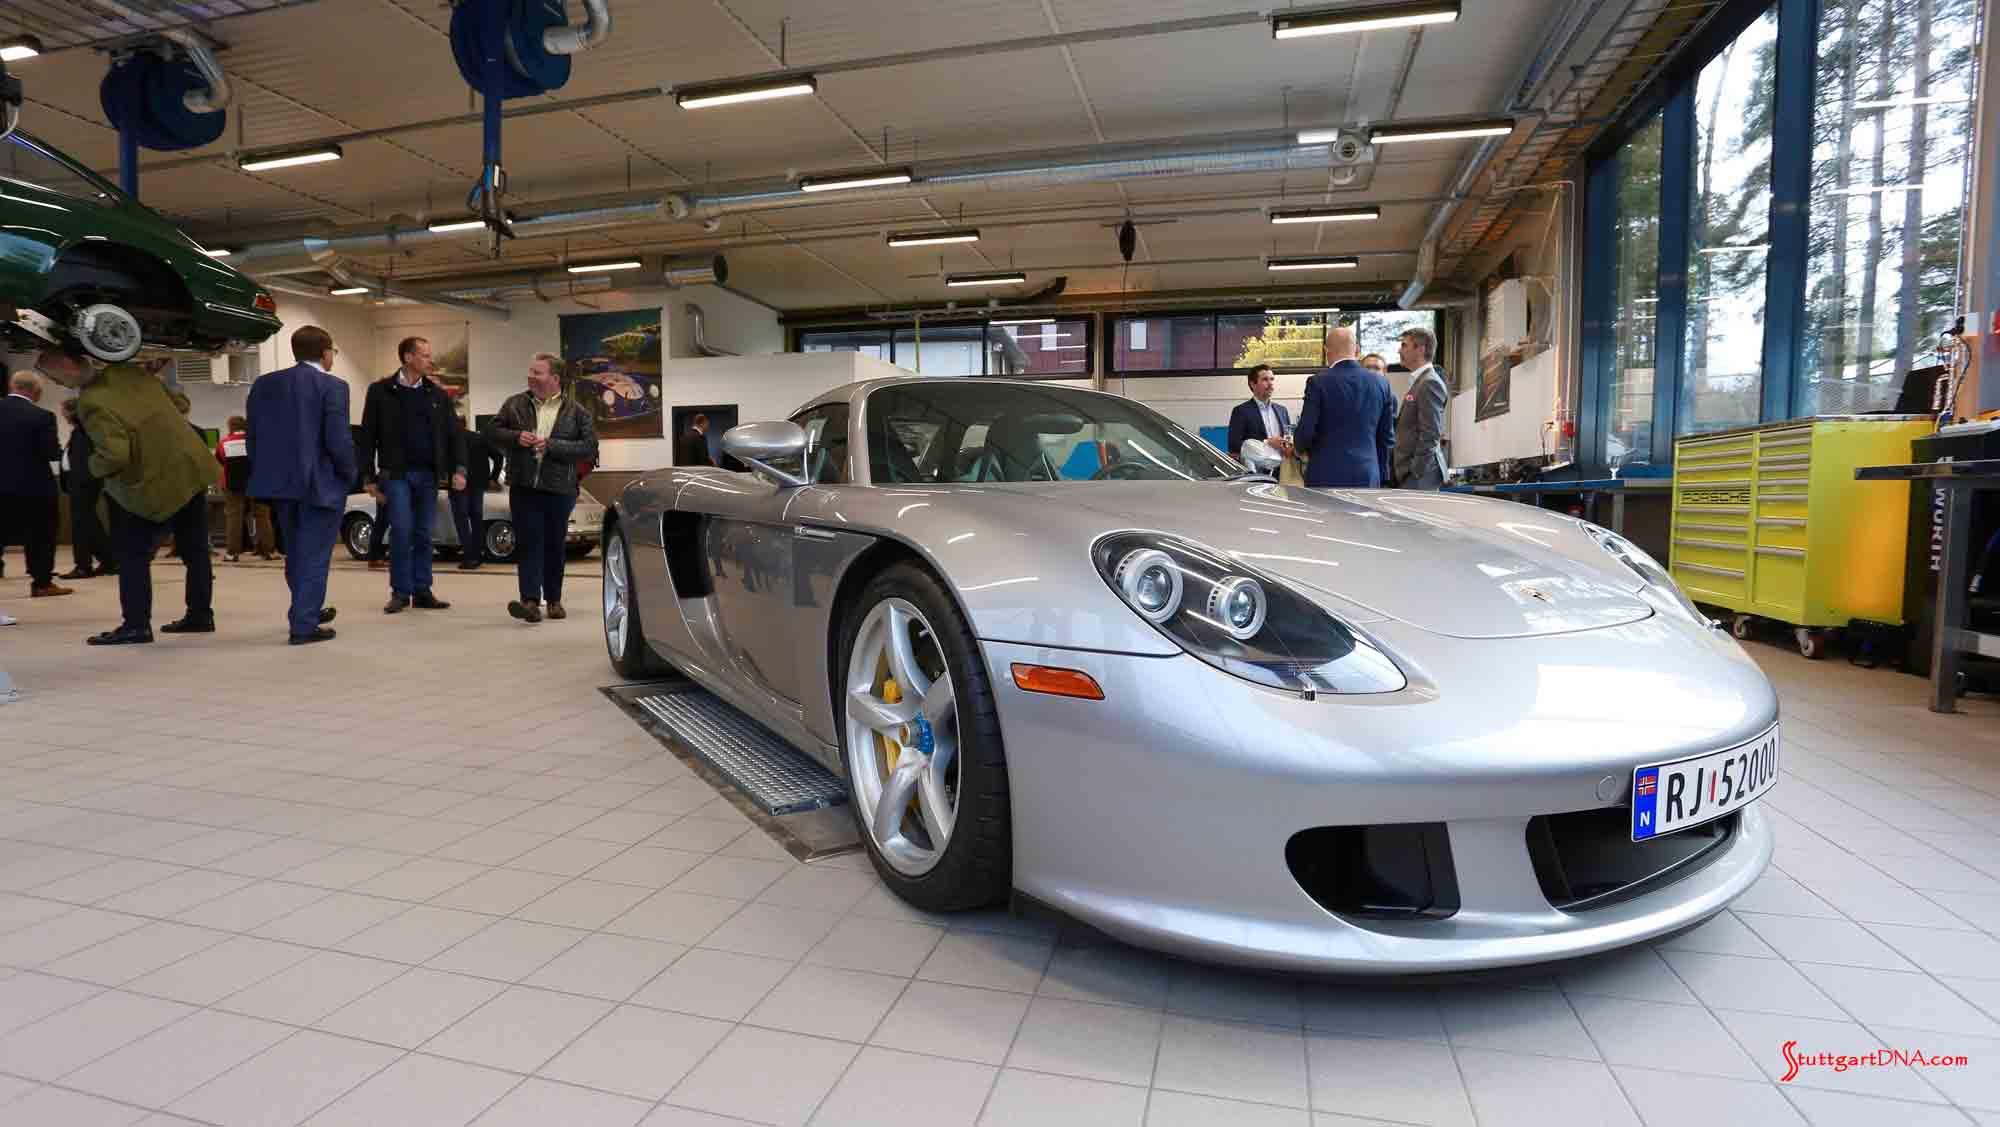 Porsche-Classic-Center-Norway-silver-Carrera-GT Mesmerizing Porsche 918 Spyder London Ontario Cars Trend